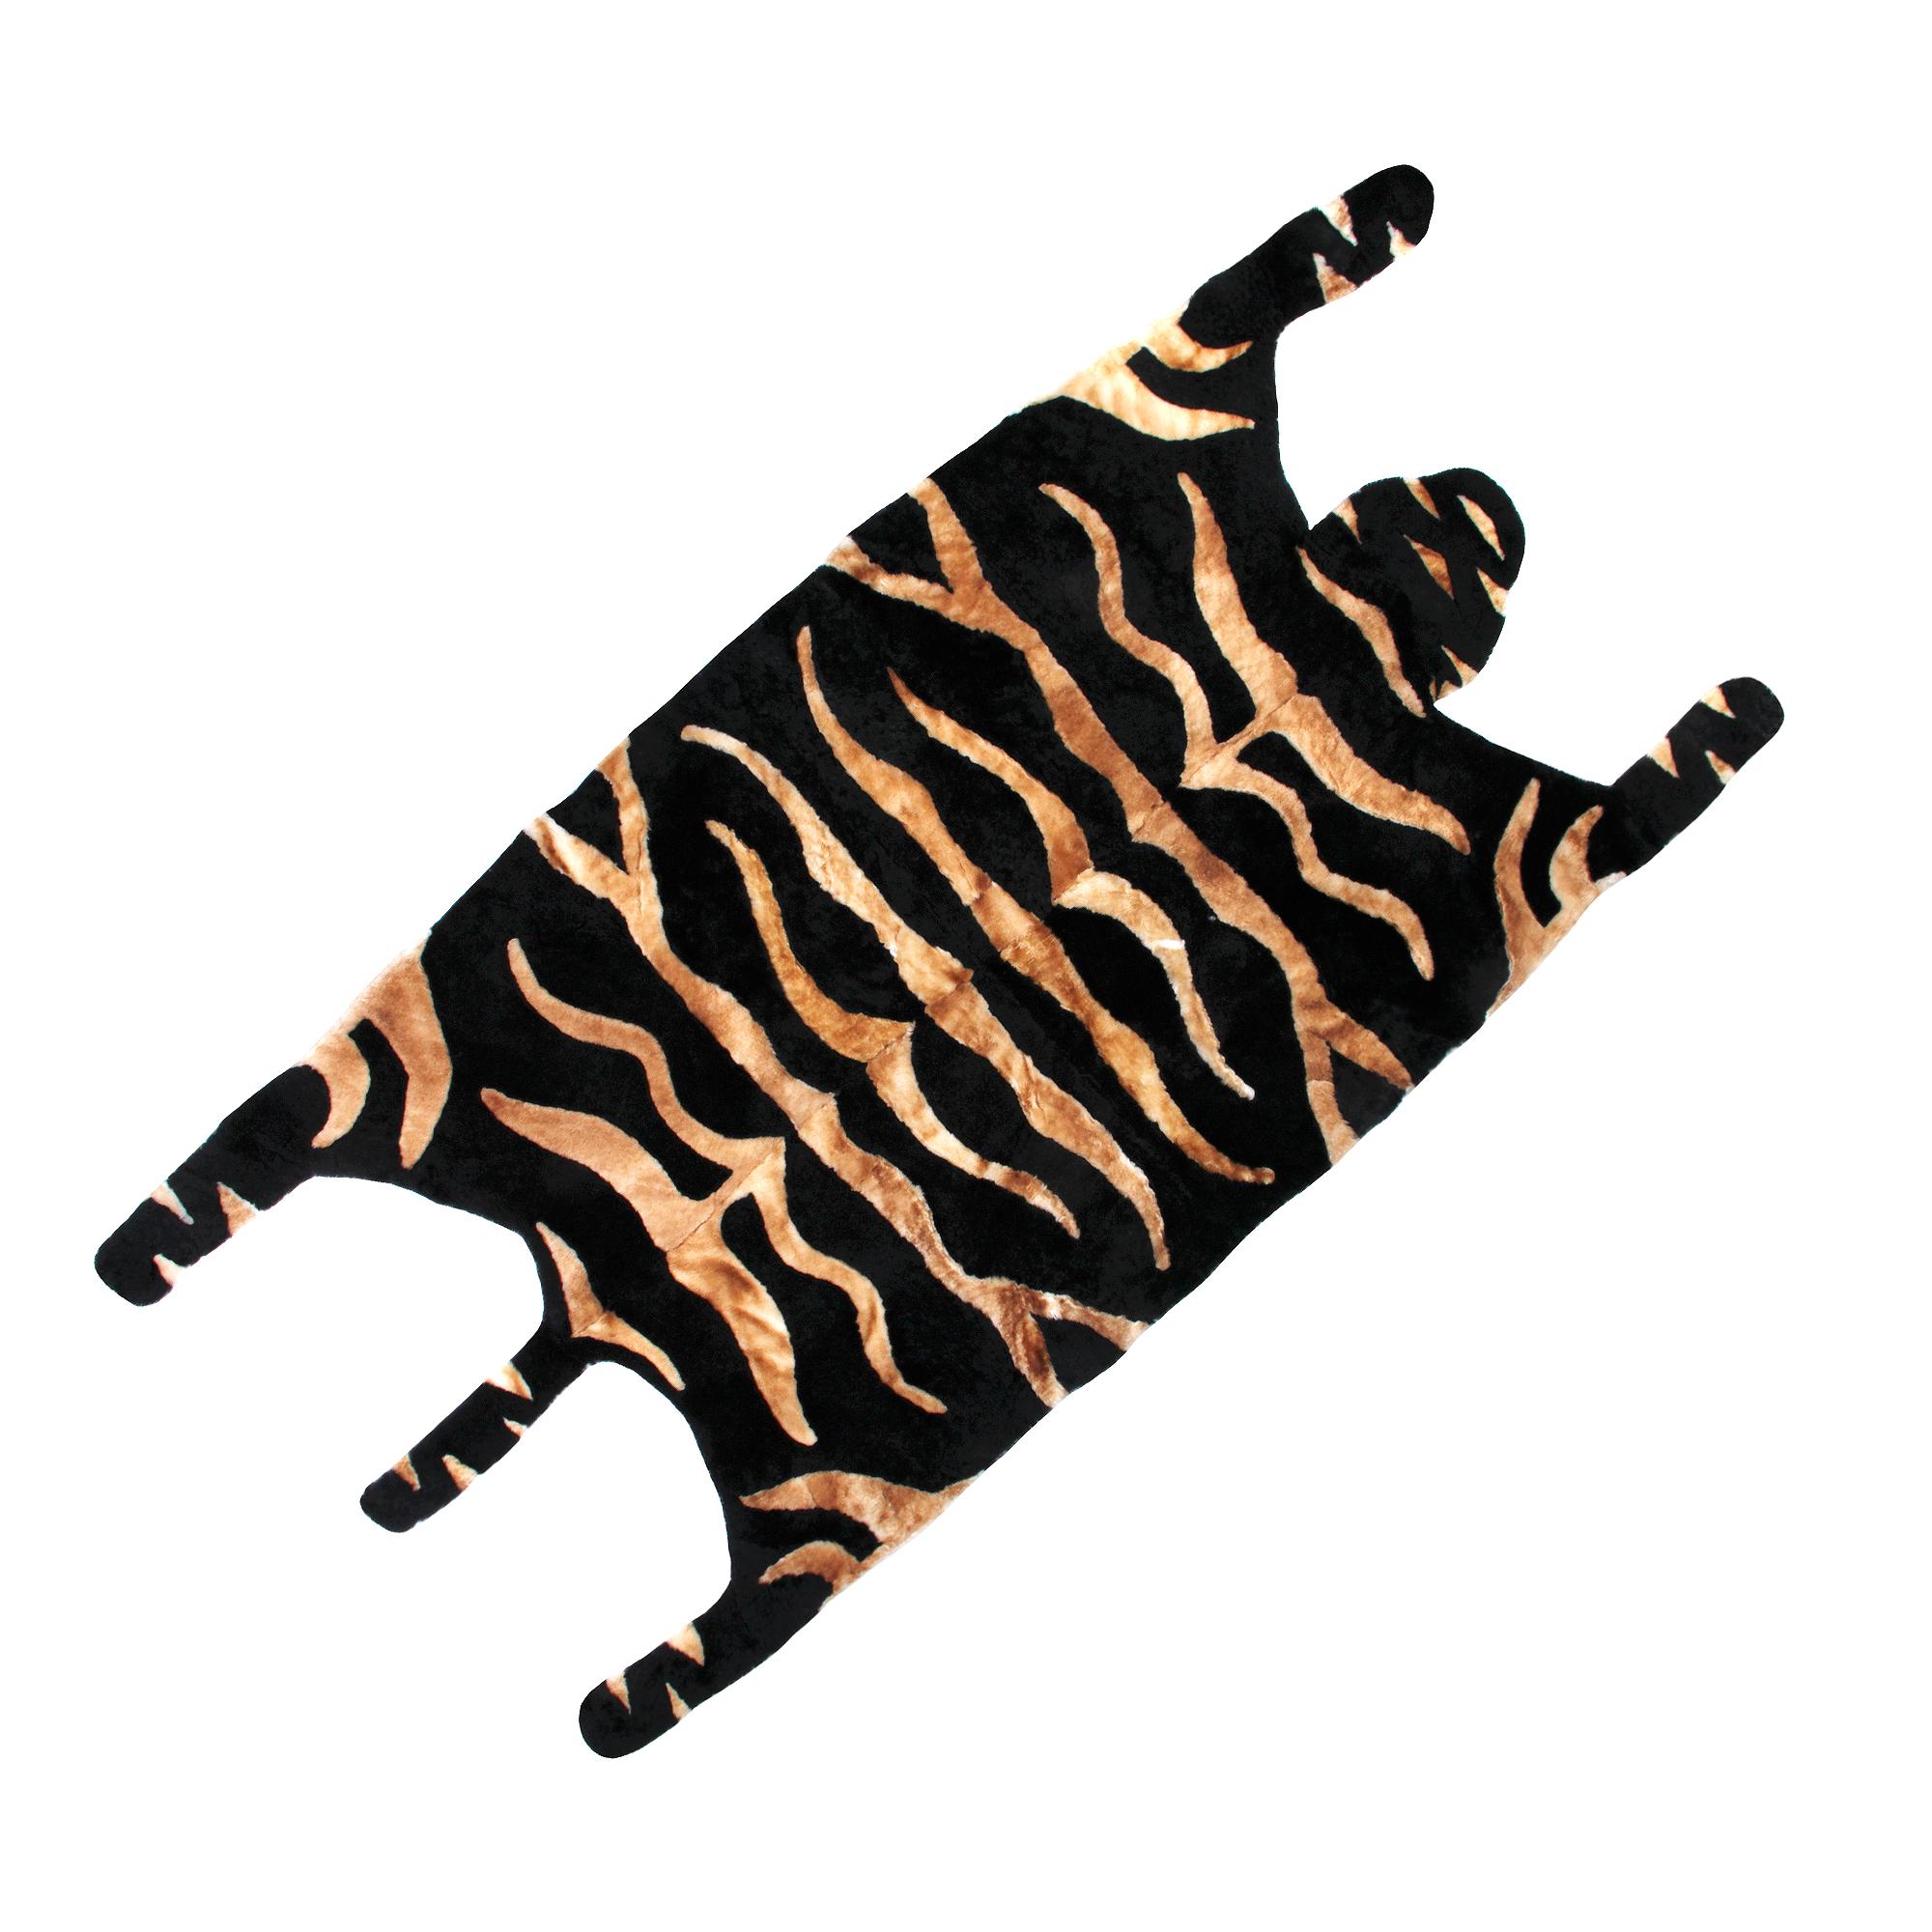 Фото - Ковёр шкура тигра м862а Ковровые галереи ковёр 0 6х1 1 majestic hg8644anthracitea ковровые галереи